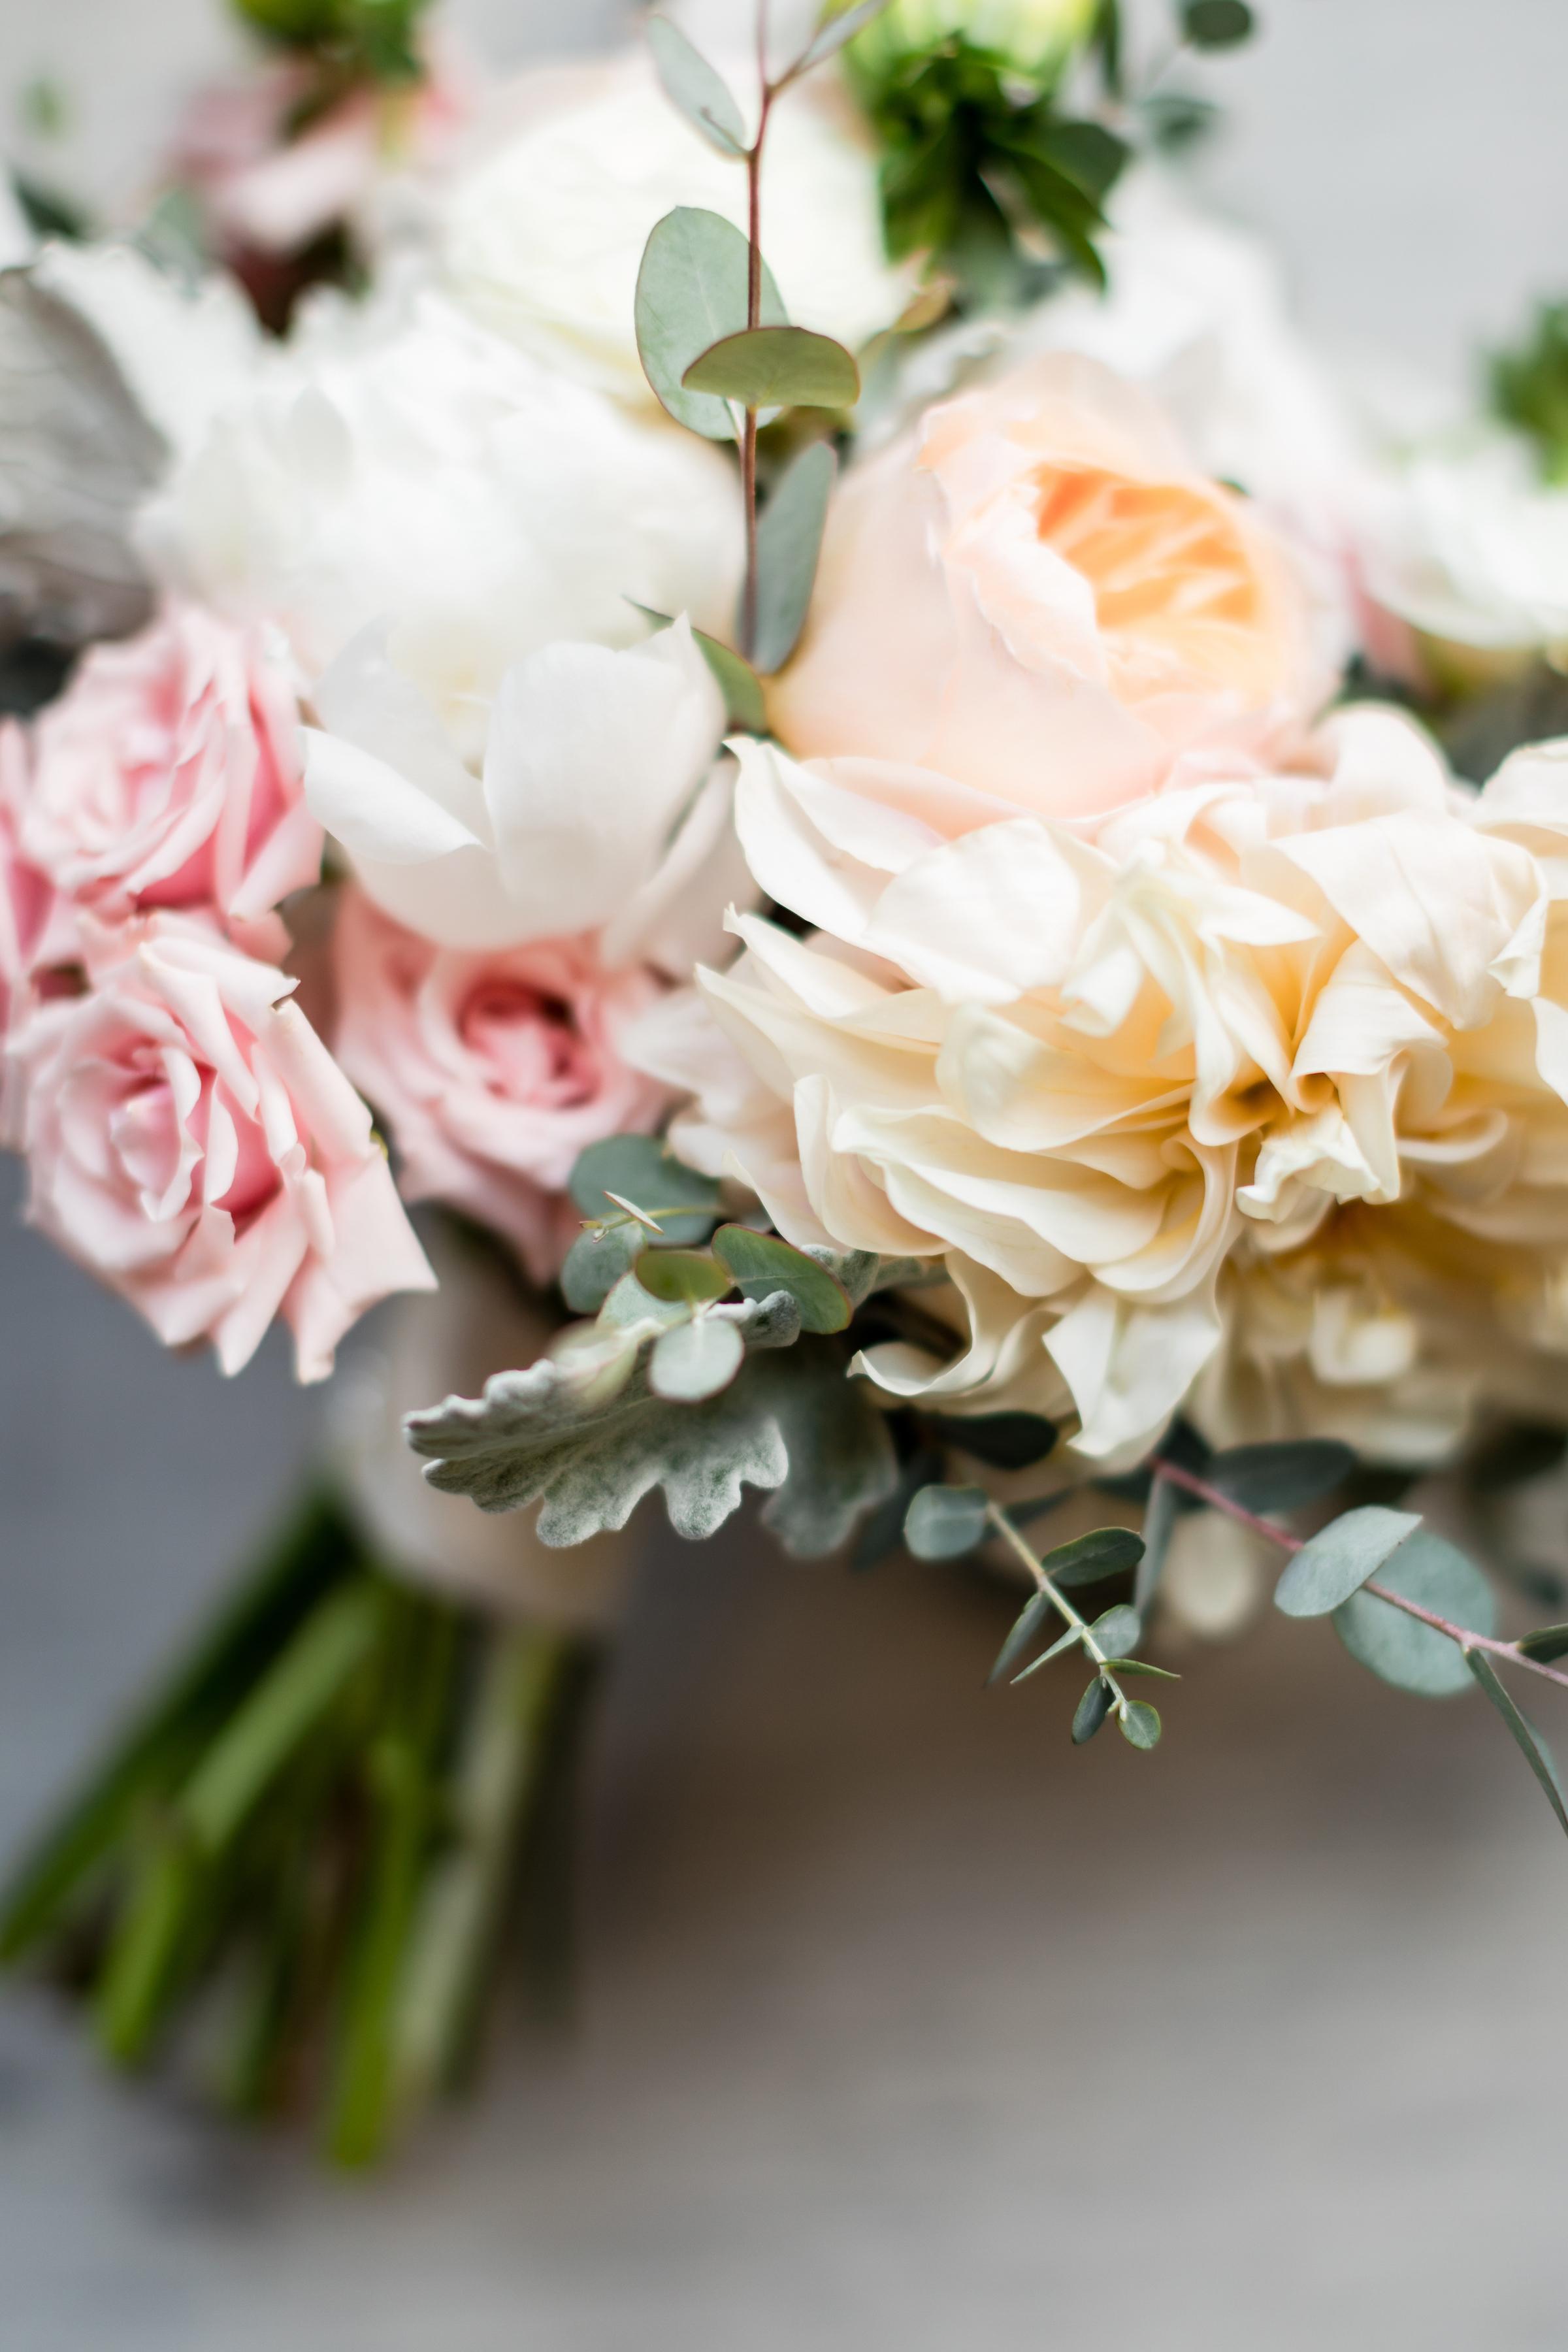 brielle-davis-events-kairos-photography-chandler-hill-wedding-bouquet.jpg